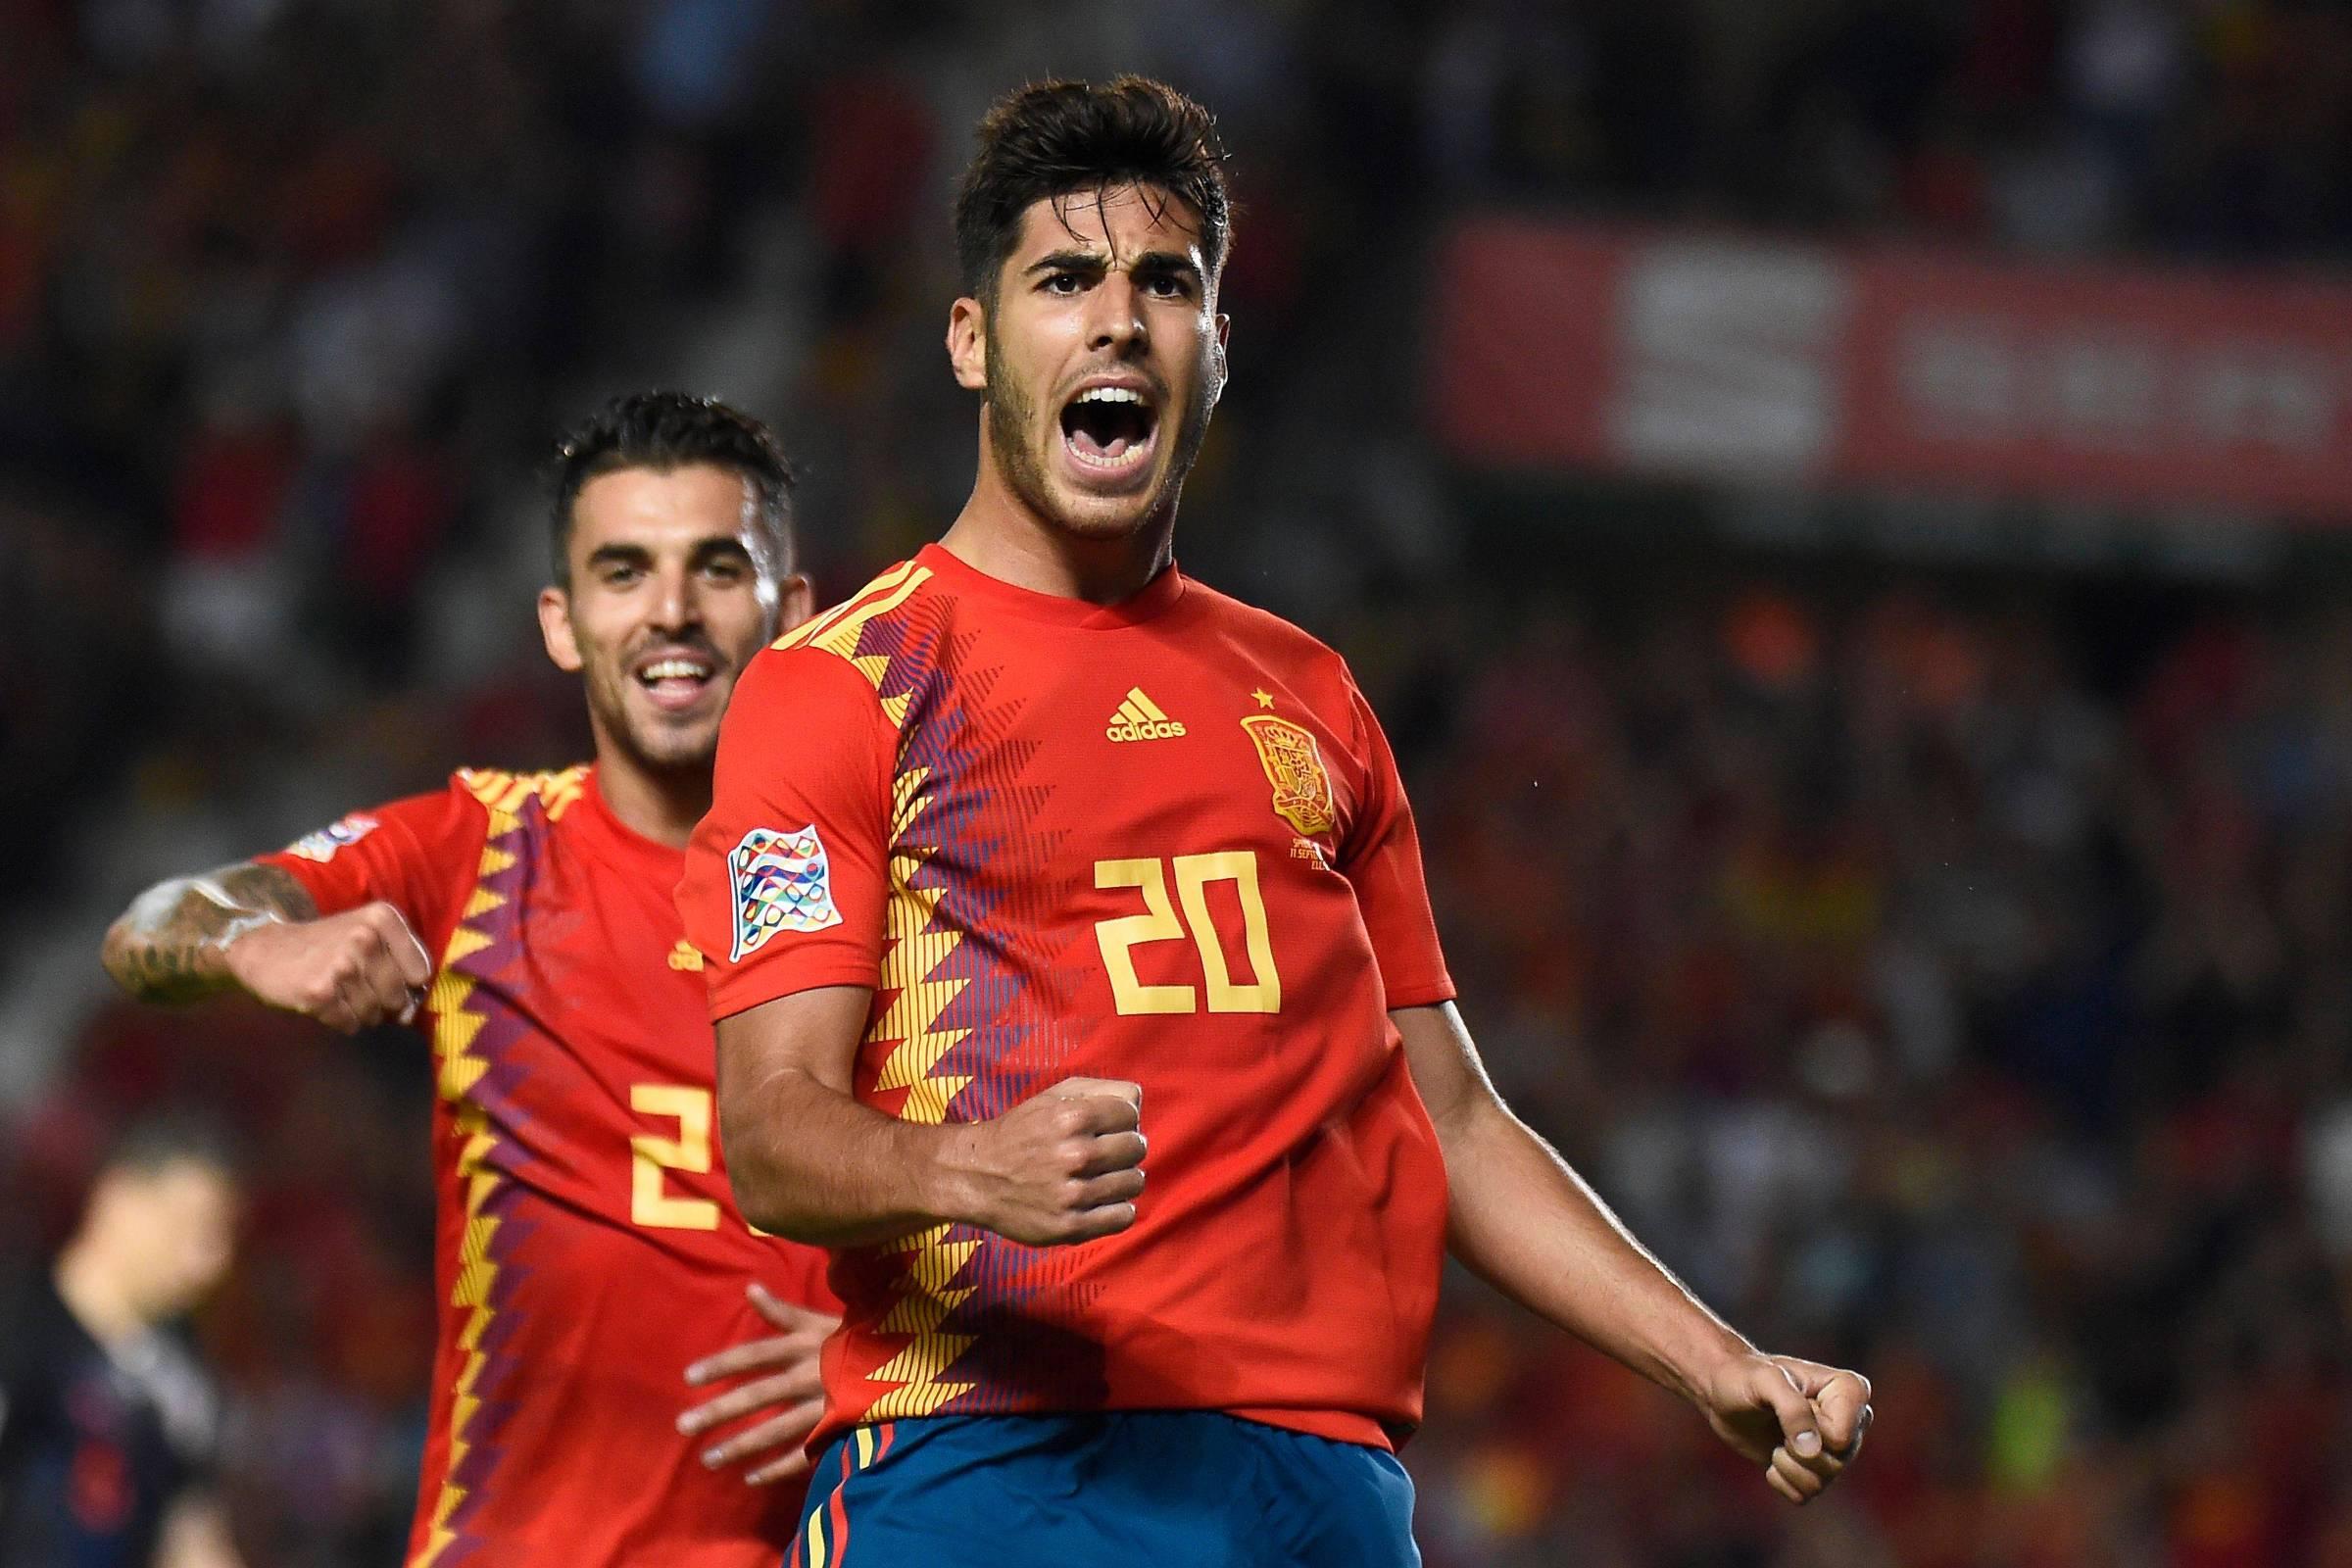 Espanha goleia a Croácia e se destaca no início da Liga das Nações -  11 09 2018 - Esporte - Folha 34ff3250bbd5b